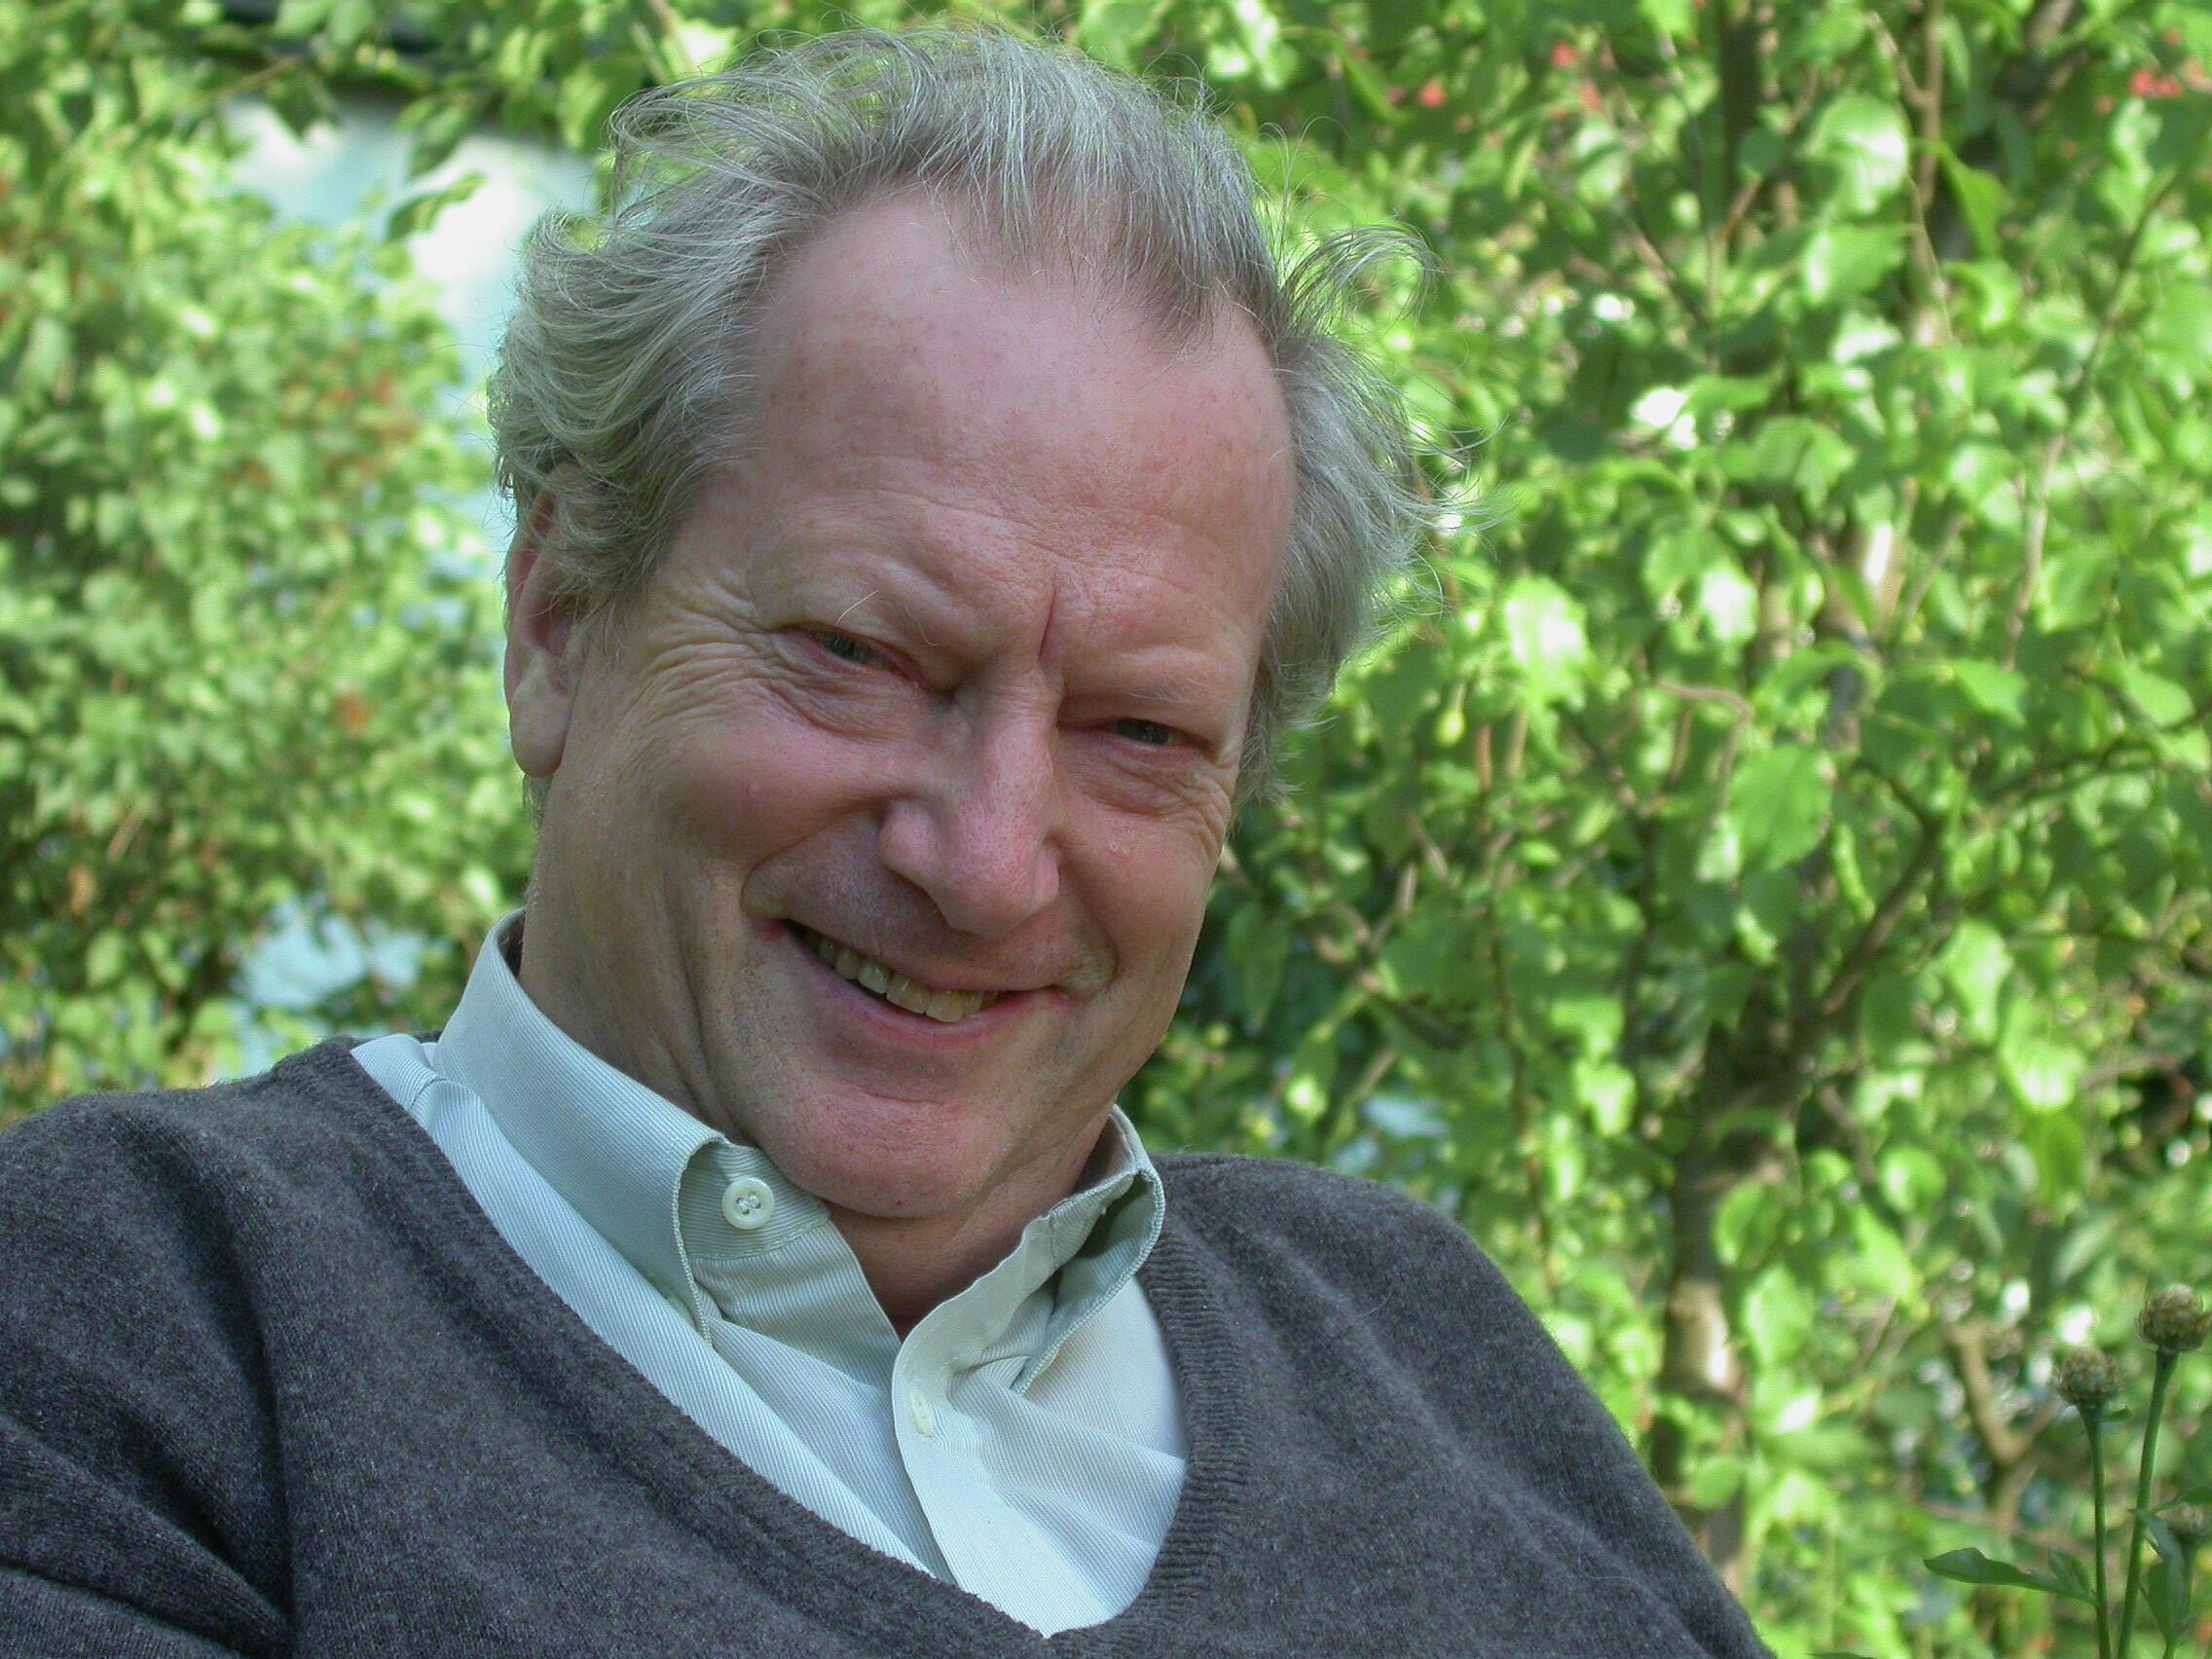 Bild von der Gedenkseite für Hans-Georg Kloss